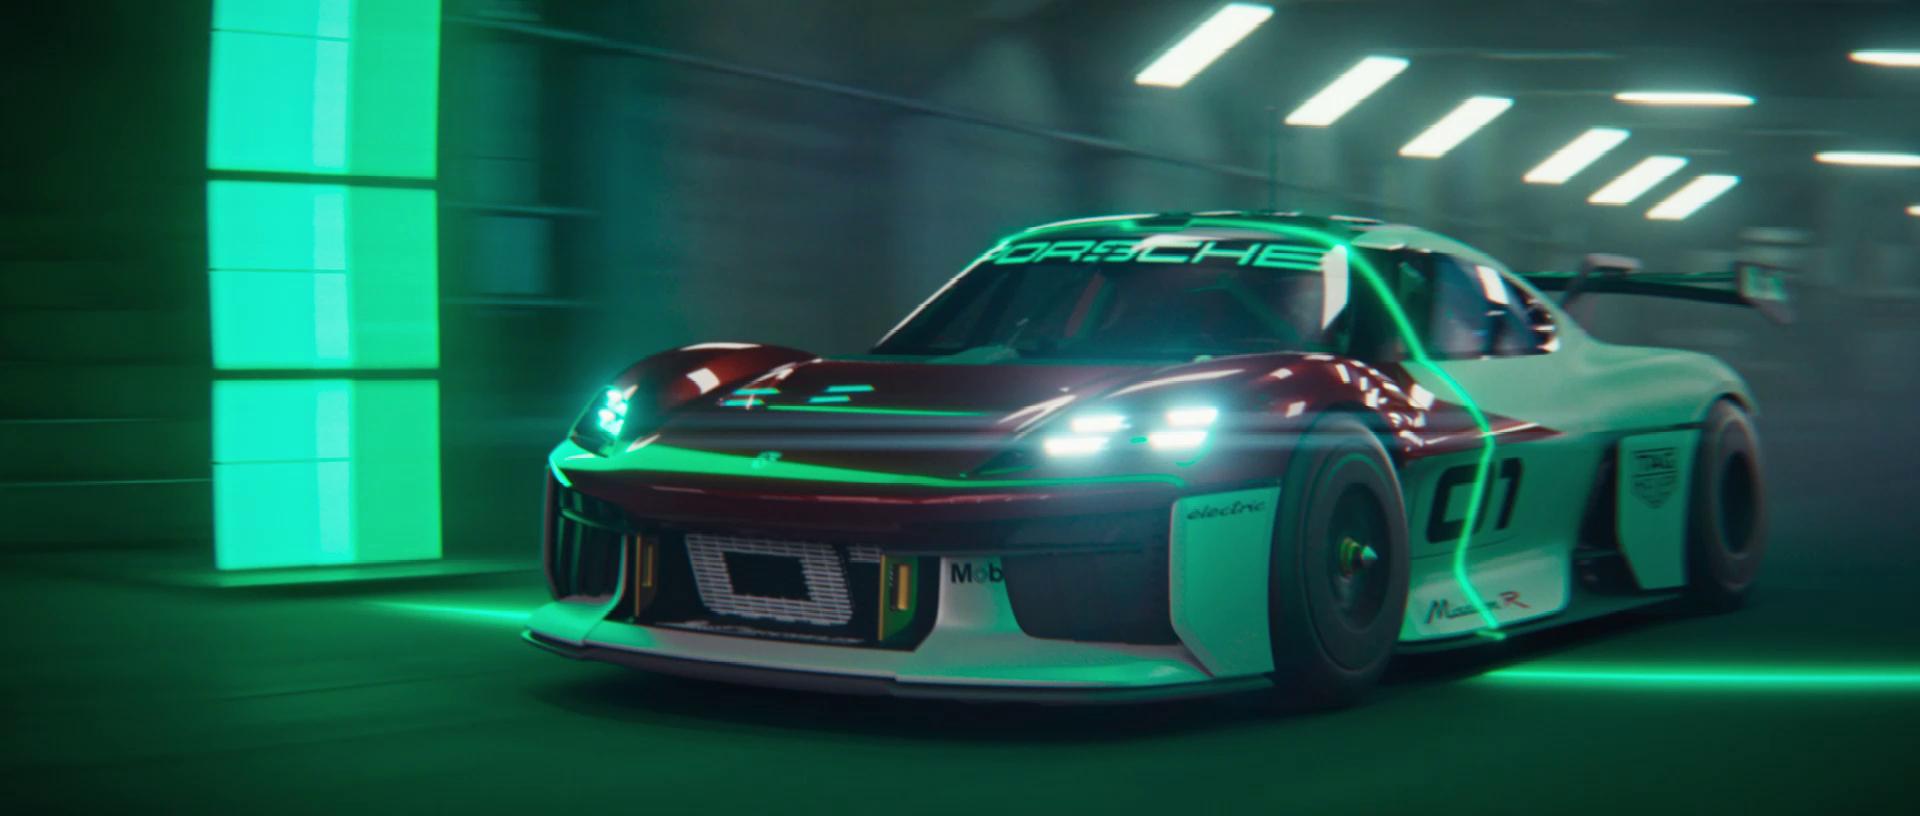 Porsche_mission_R__0014_Layer 19